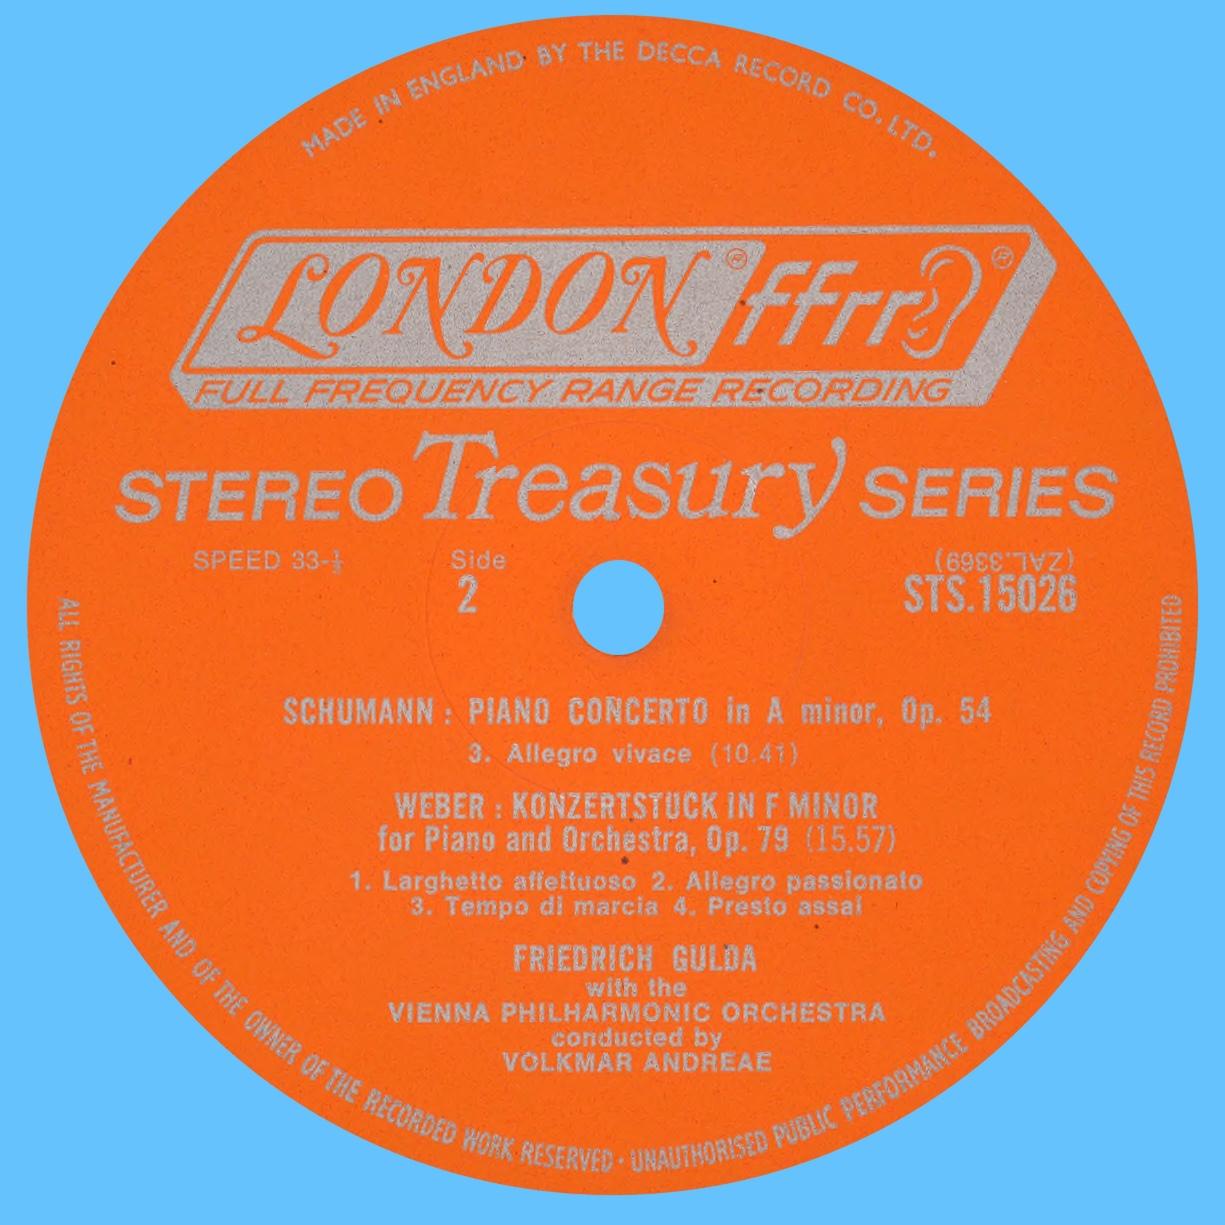 Étiquette verso du disque LONDON STS 1502